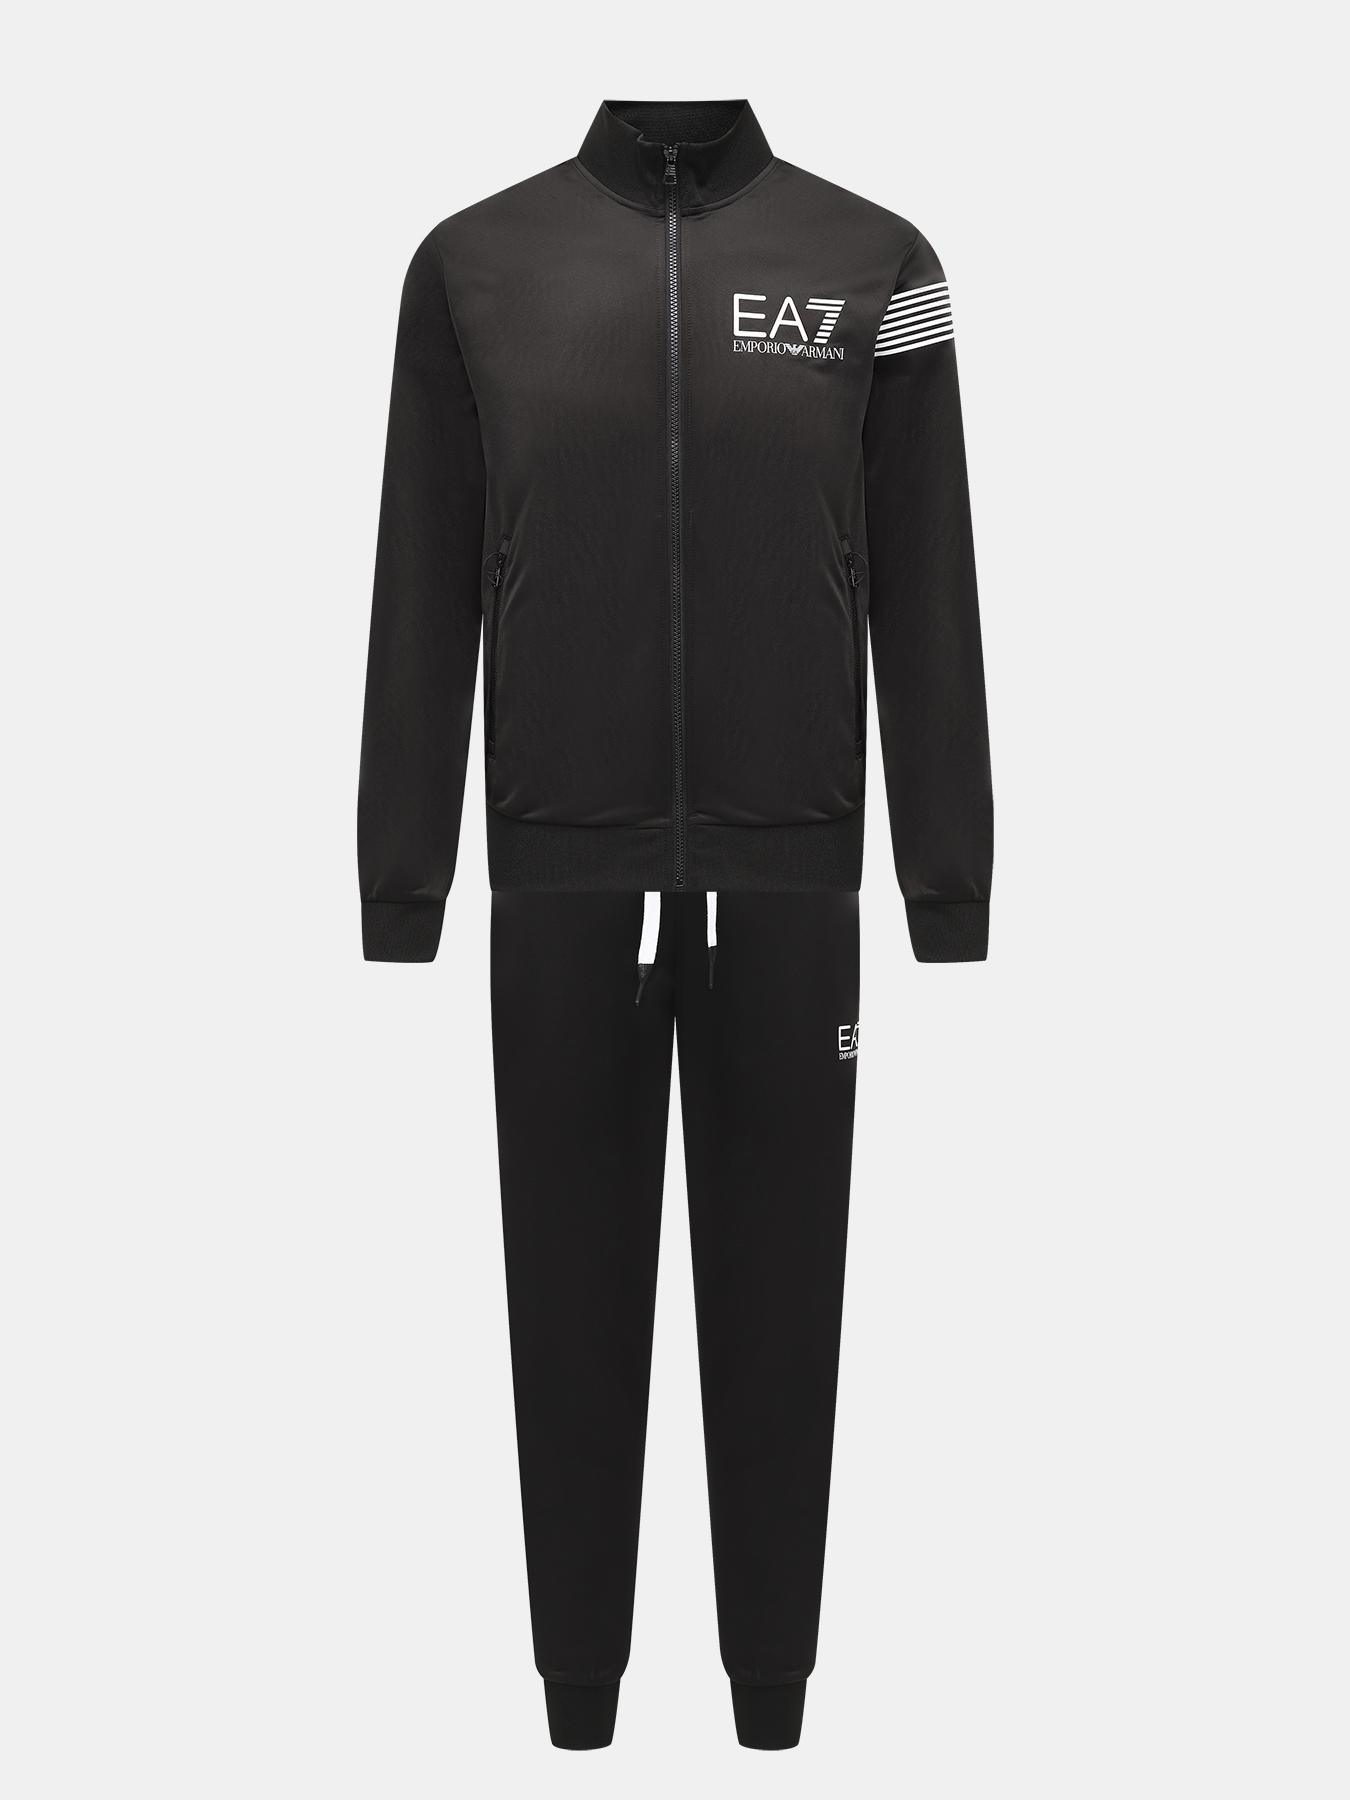 Спортивные костюмы EA7 Emporio Armani Спортивный костюм фото